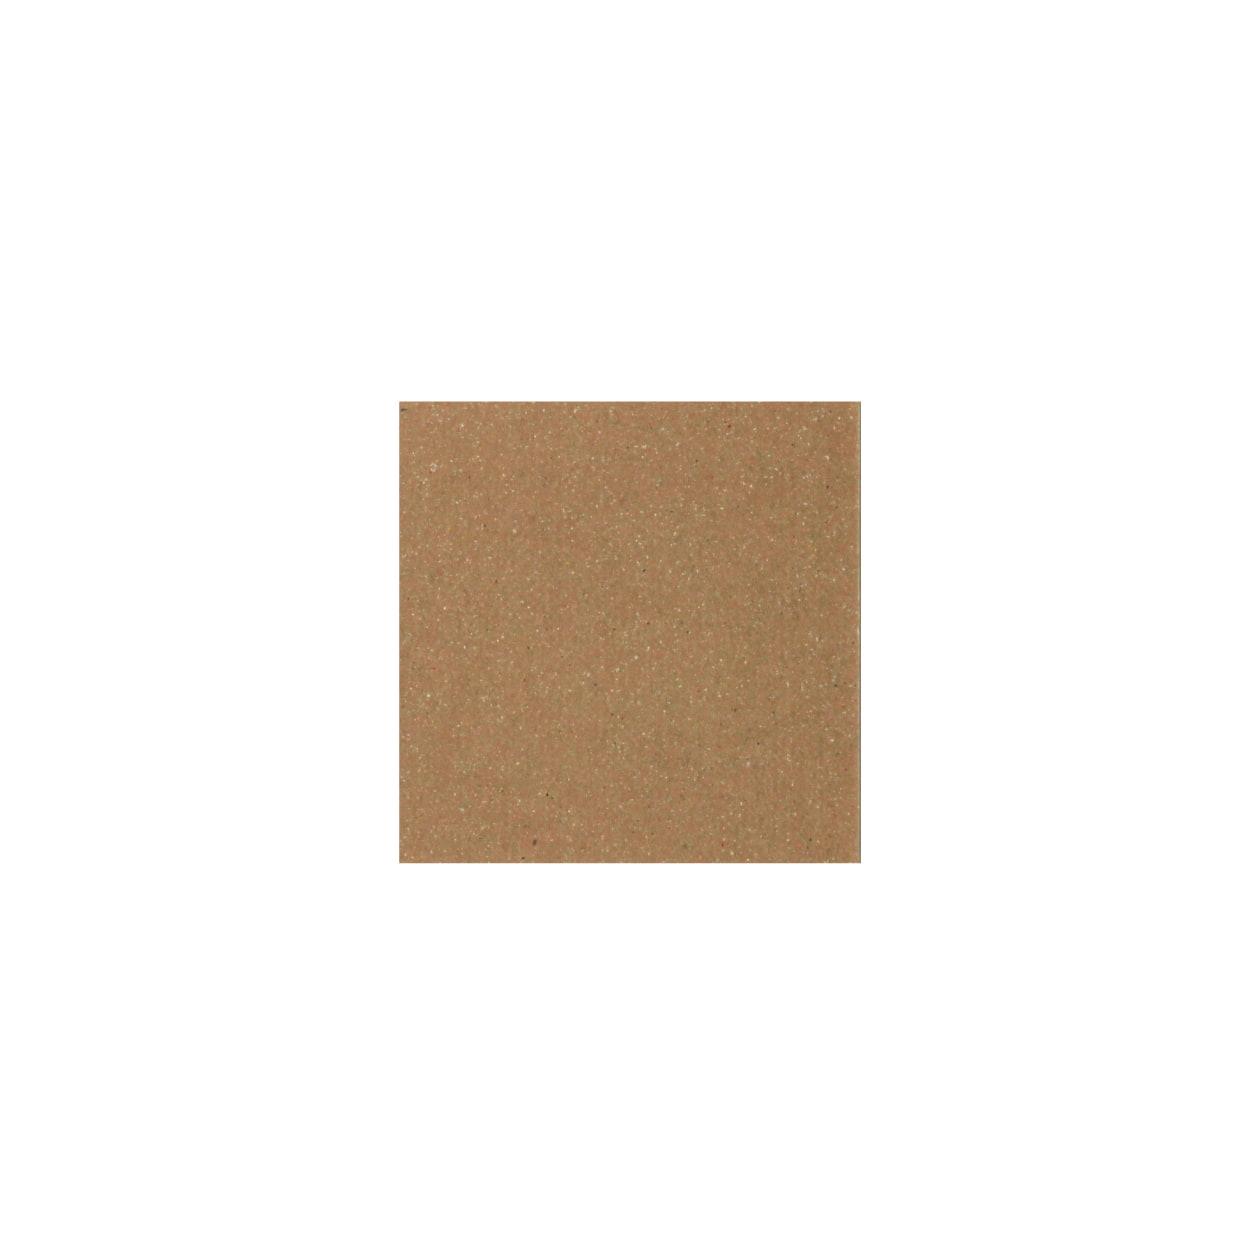 サンプル カード・シート 00015